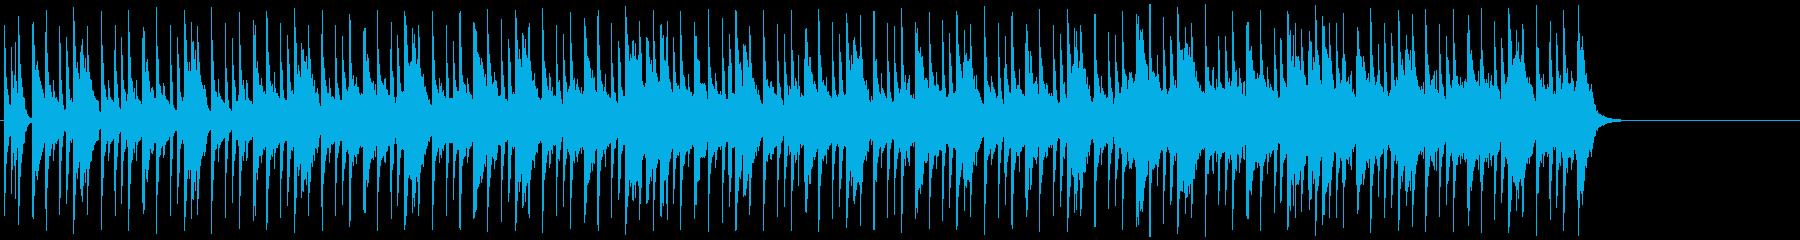 ドラマ・ブリッジ風マイナー・ポップ/BGの再生済みの波形